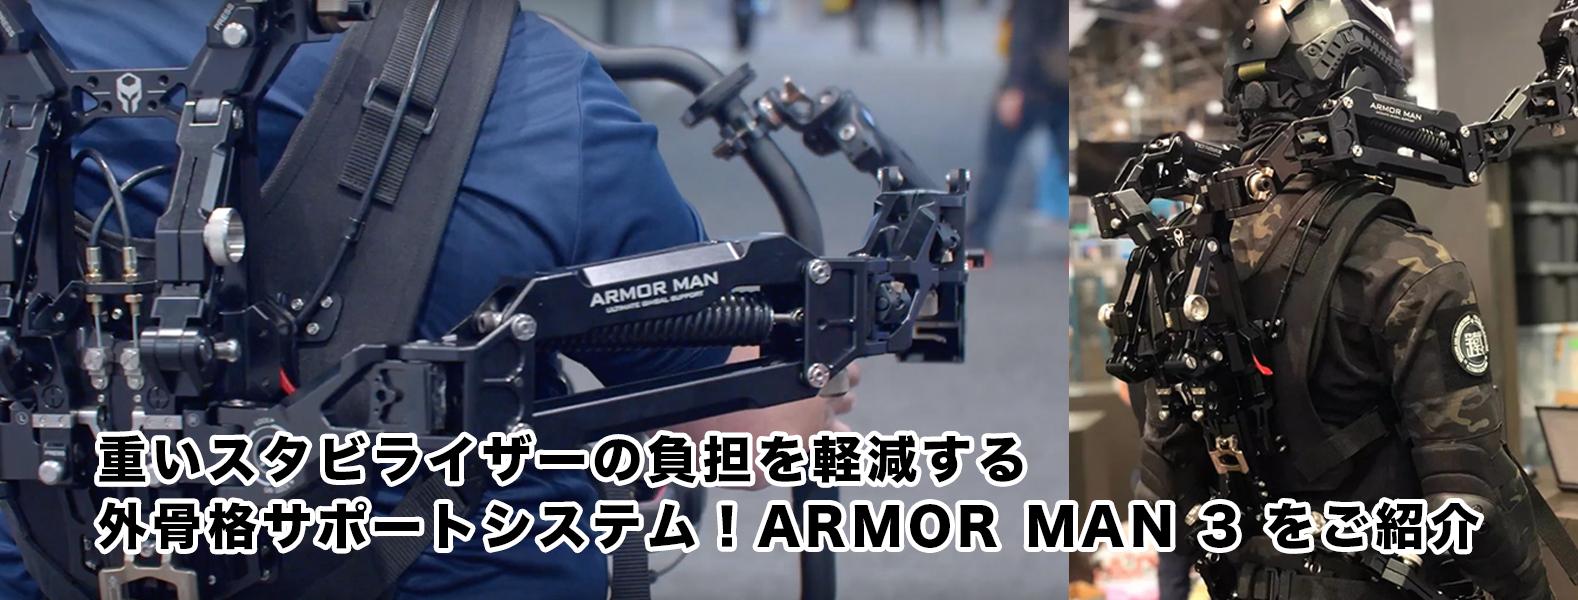 重いスタビライザーの負担を軽減する外骨格サポートシステム!Armor Man 3 をご紹介